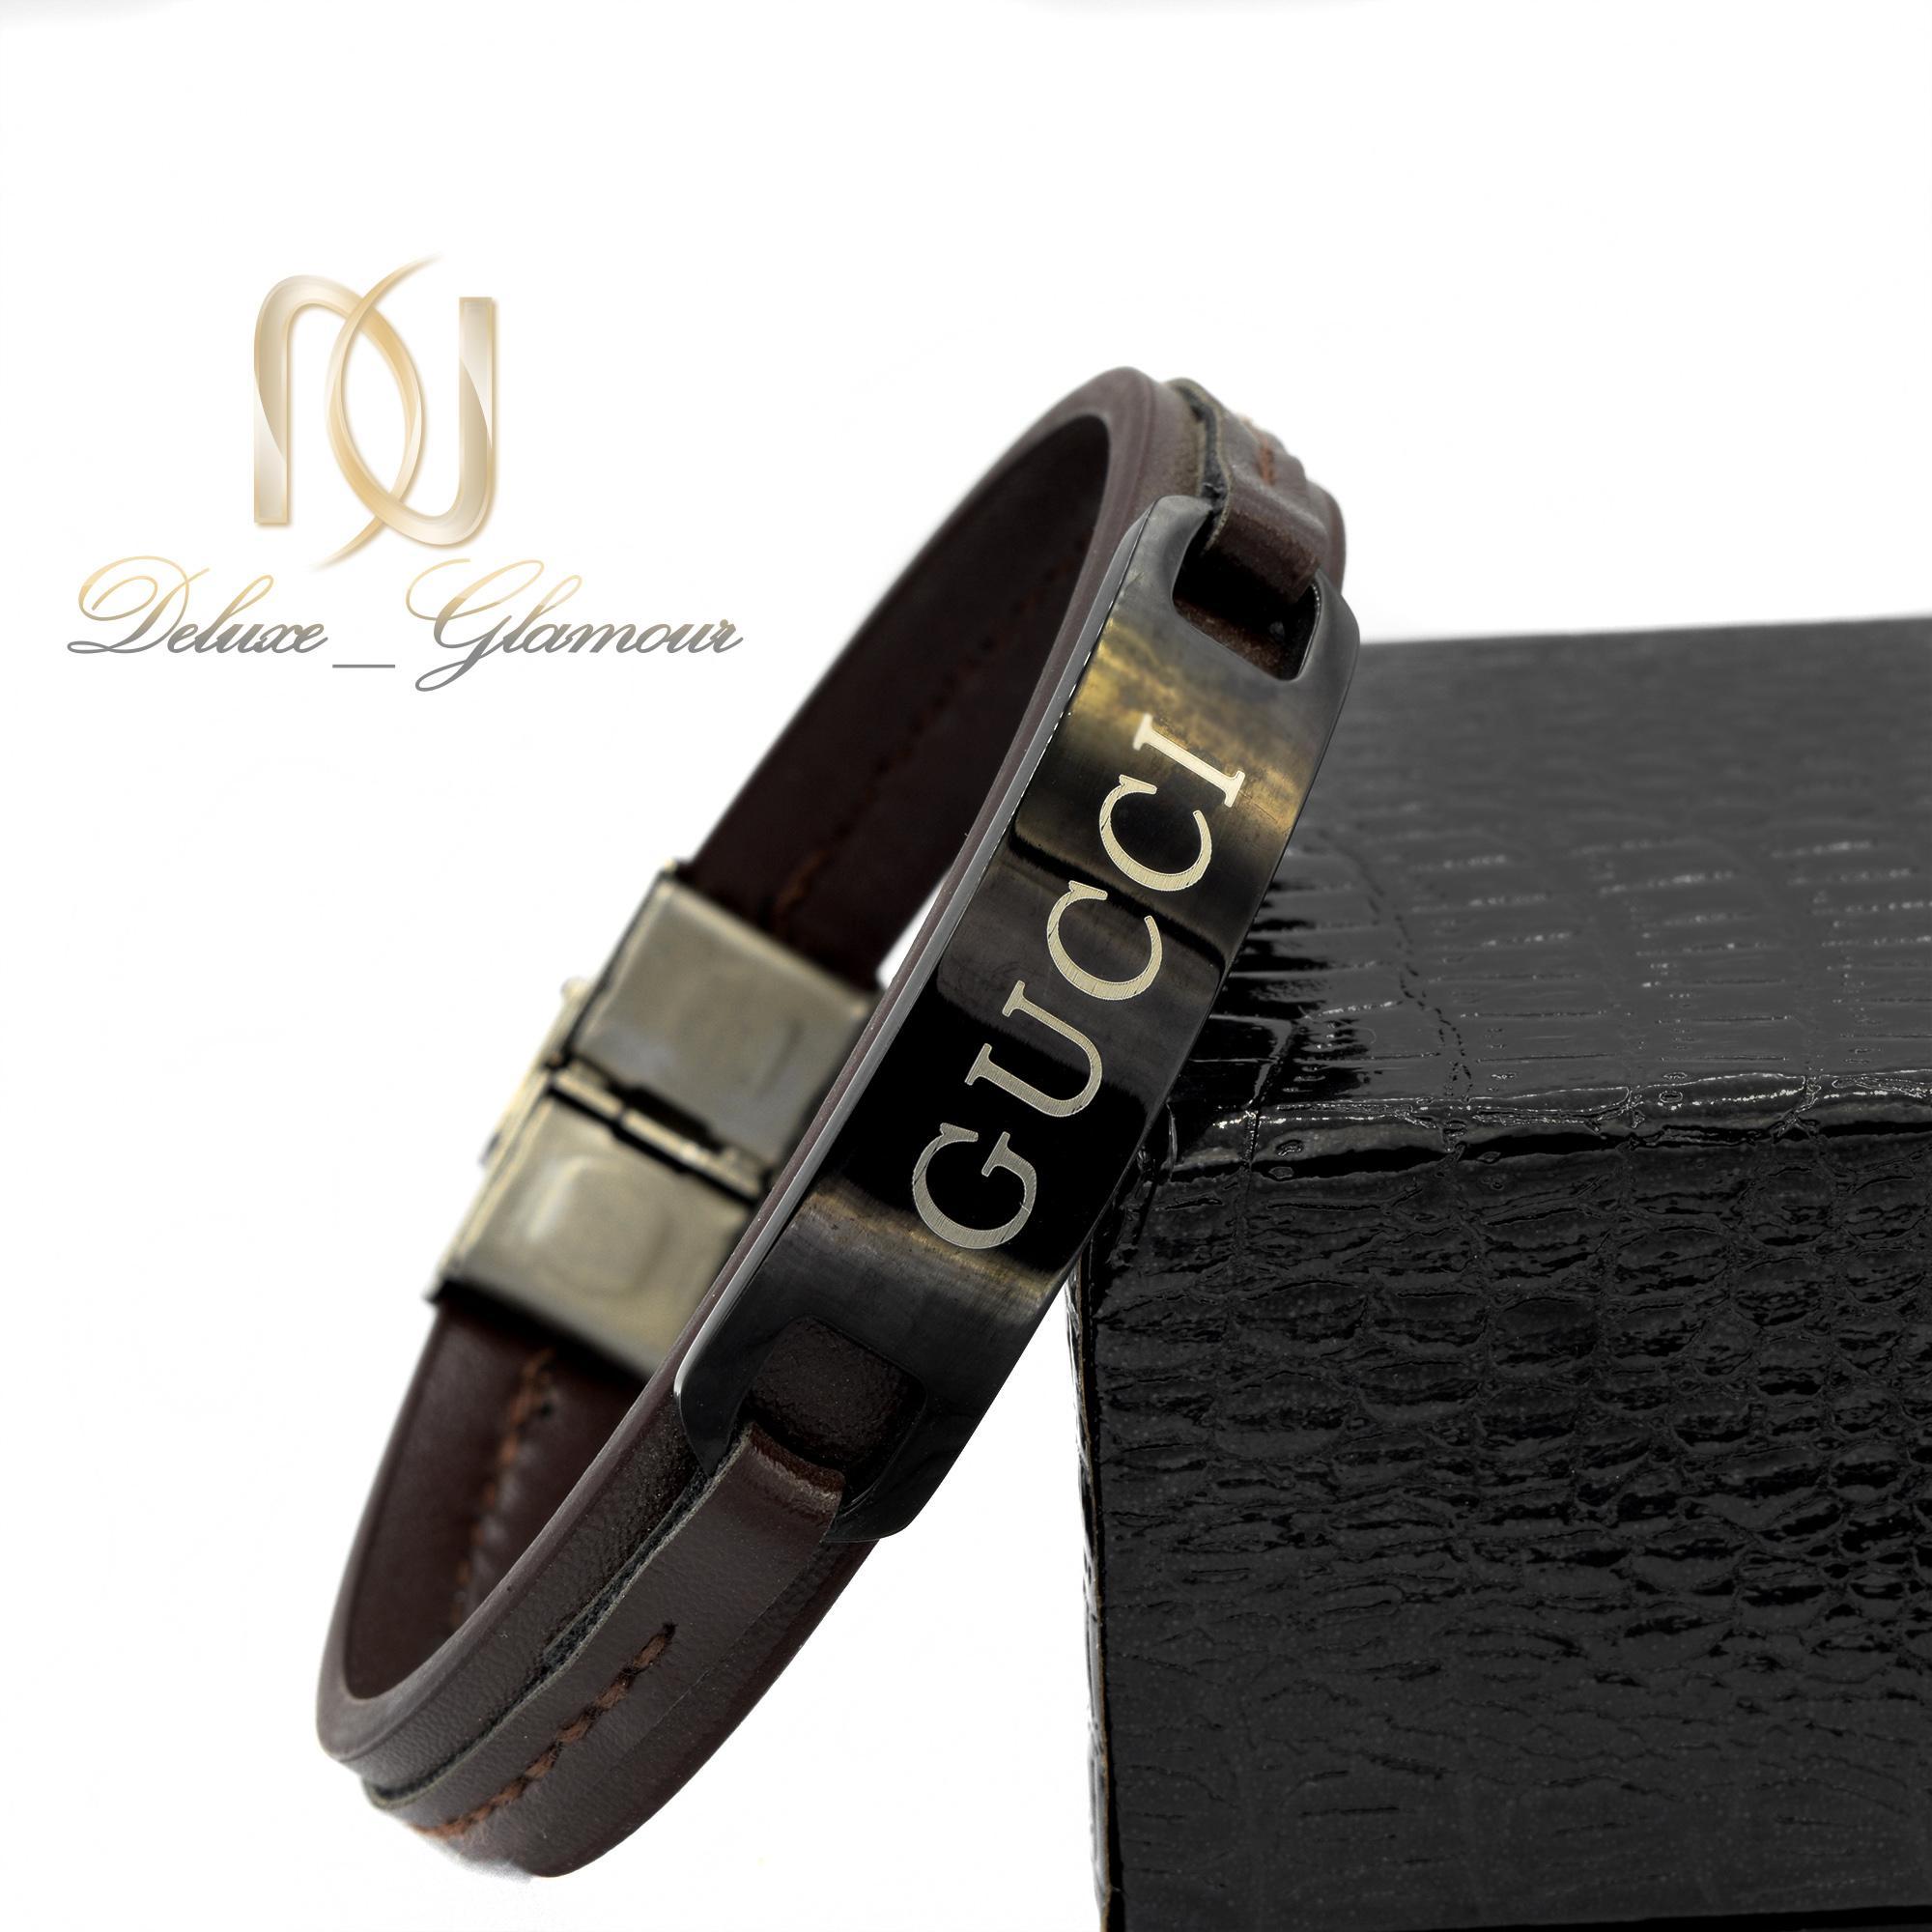 دستبند چرم مردانه طرح گوچی ds-n390 از نمای دور